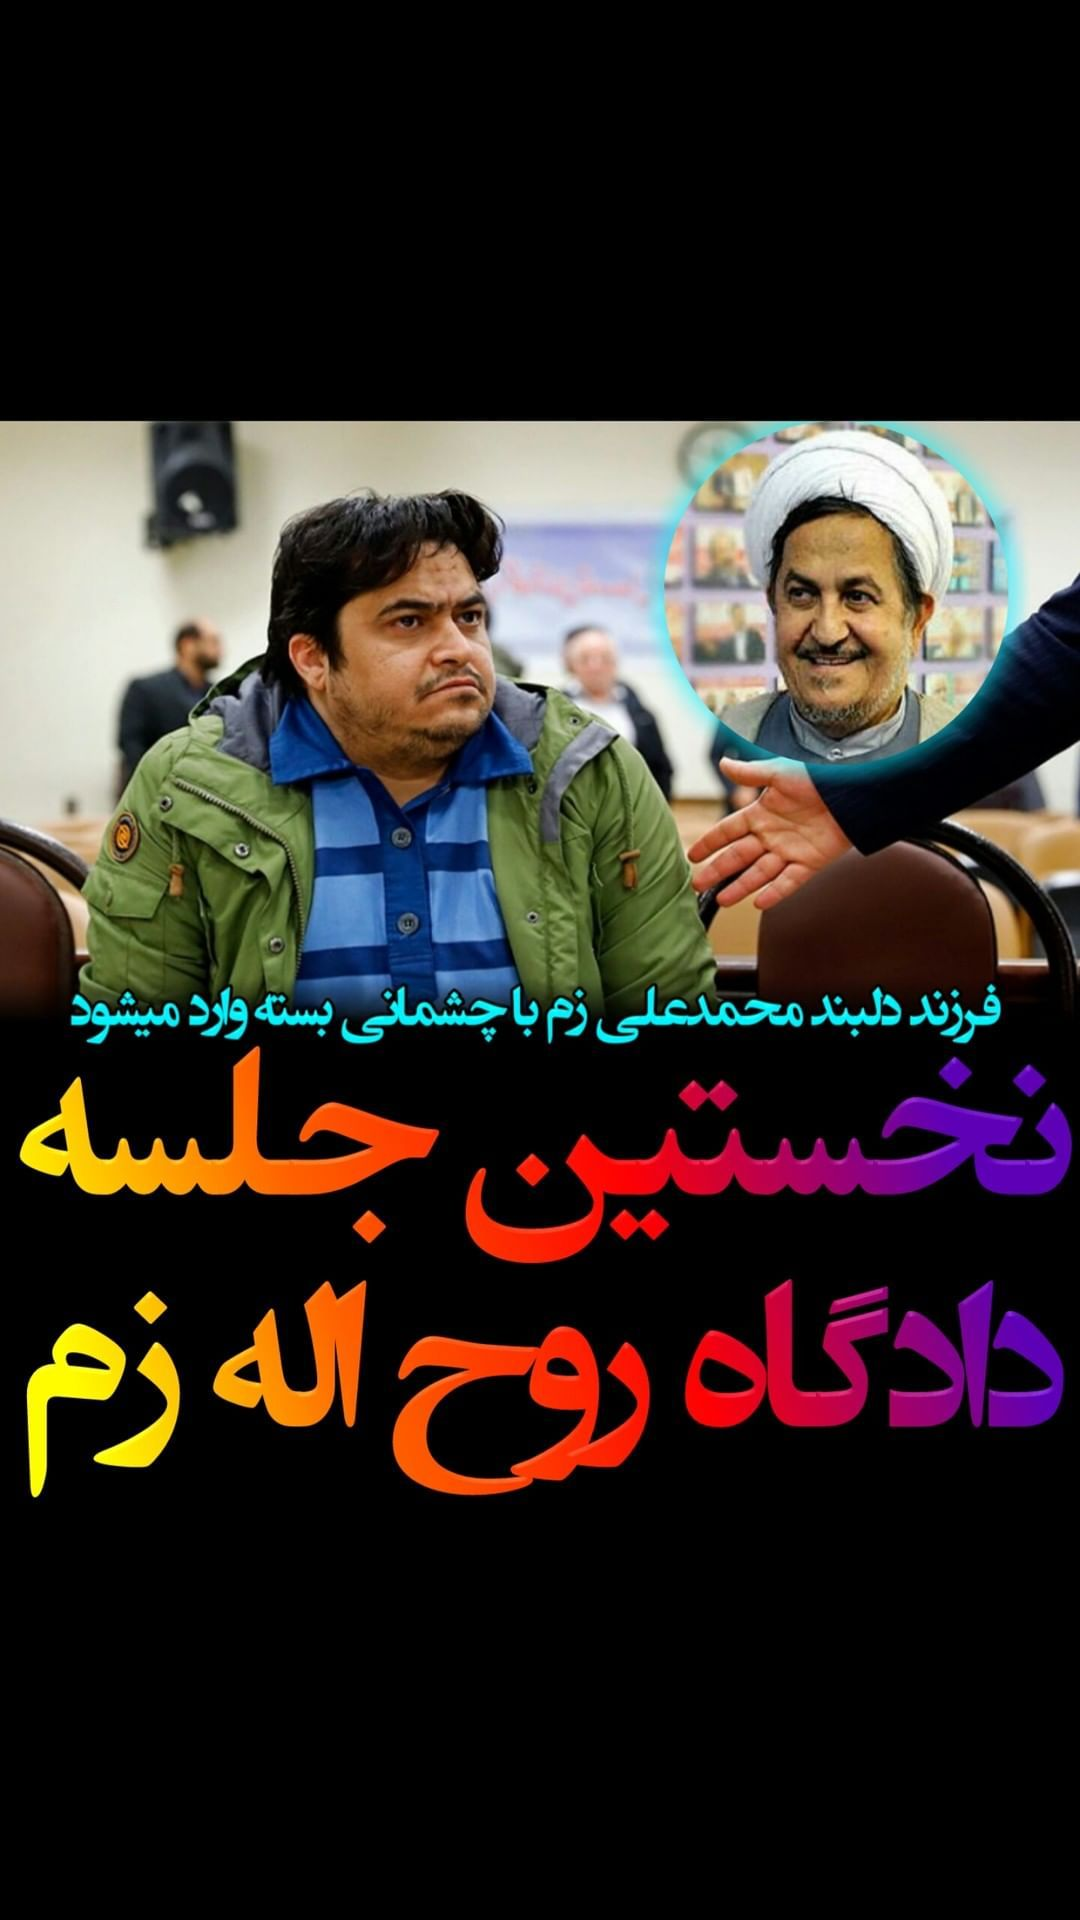 جزییات اولین جلسه دادگاه رسیدگی به اتهامات روح الله زم مدیر سایت معاند آمدنیوز ویدائو In 2020 Movie Posters Poster Movies